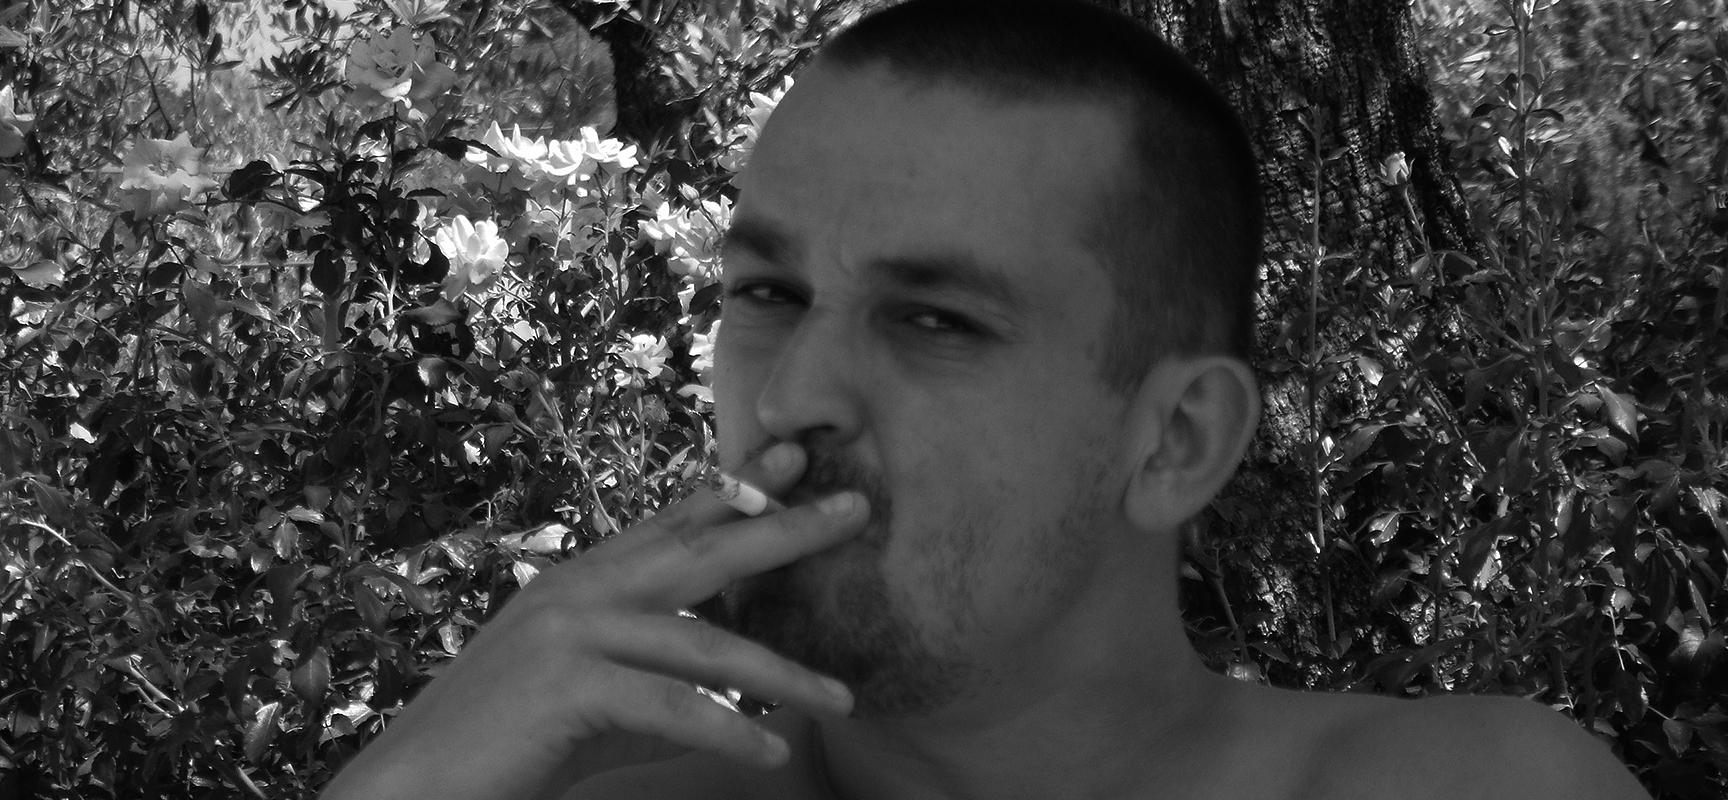 vapoteur arr ter de fumer avec une cigarette lectronique. Black Bedroom Furniture Sets. Home Design Ideas